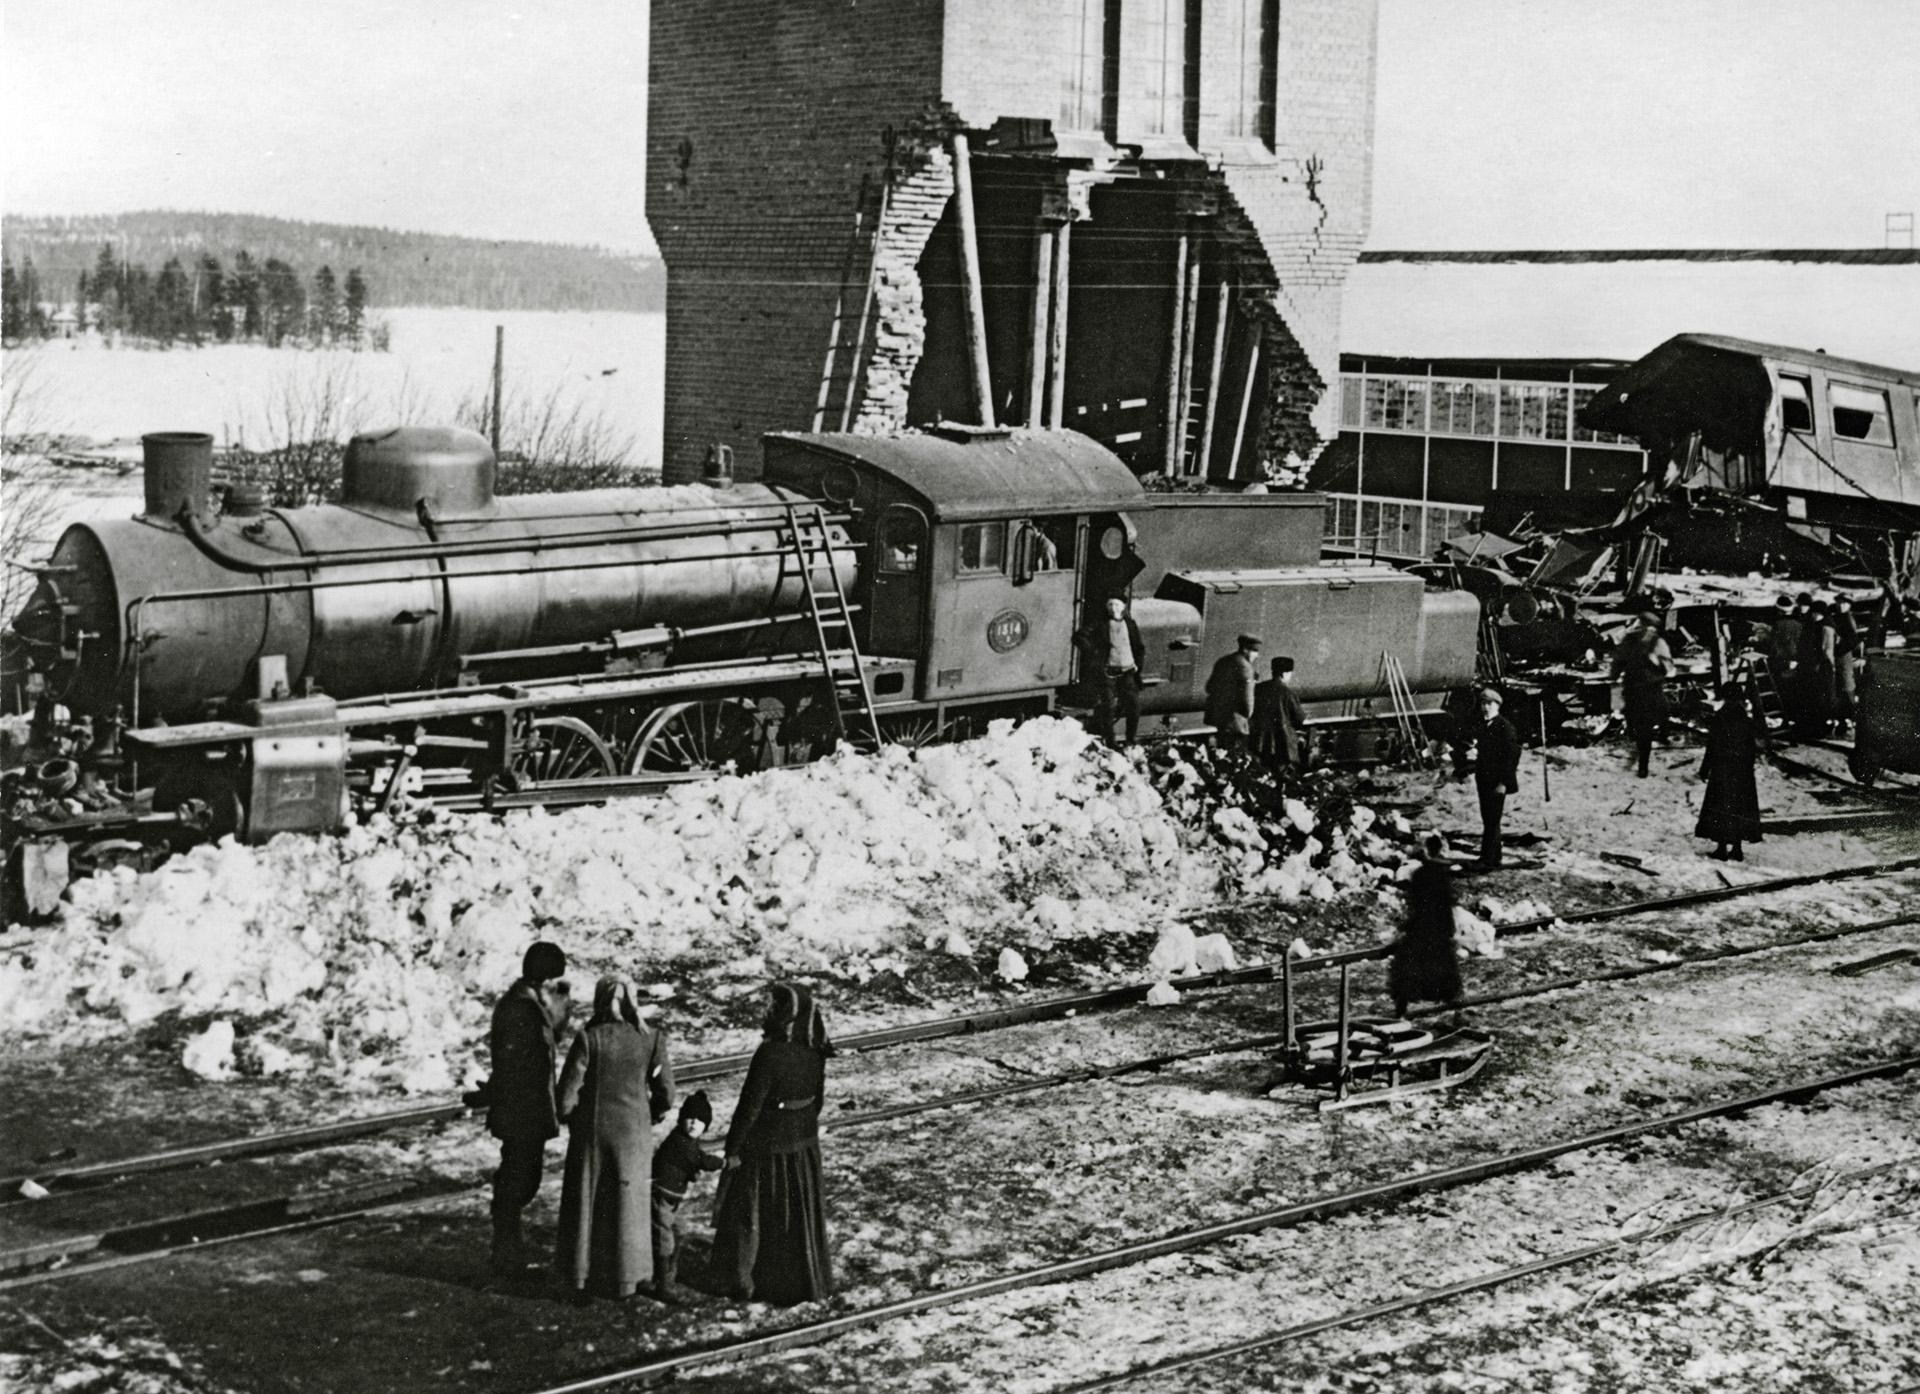 Ett tåg som har spårat ut. Vagnarna ligger på sidan. Flera människor står och tittar på.